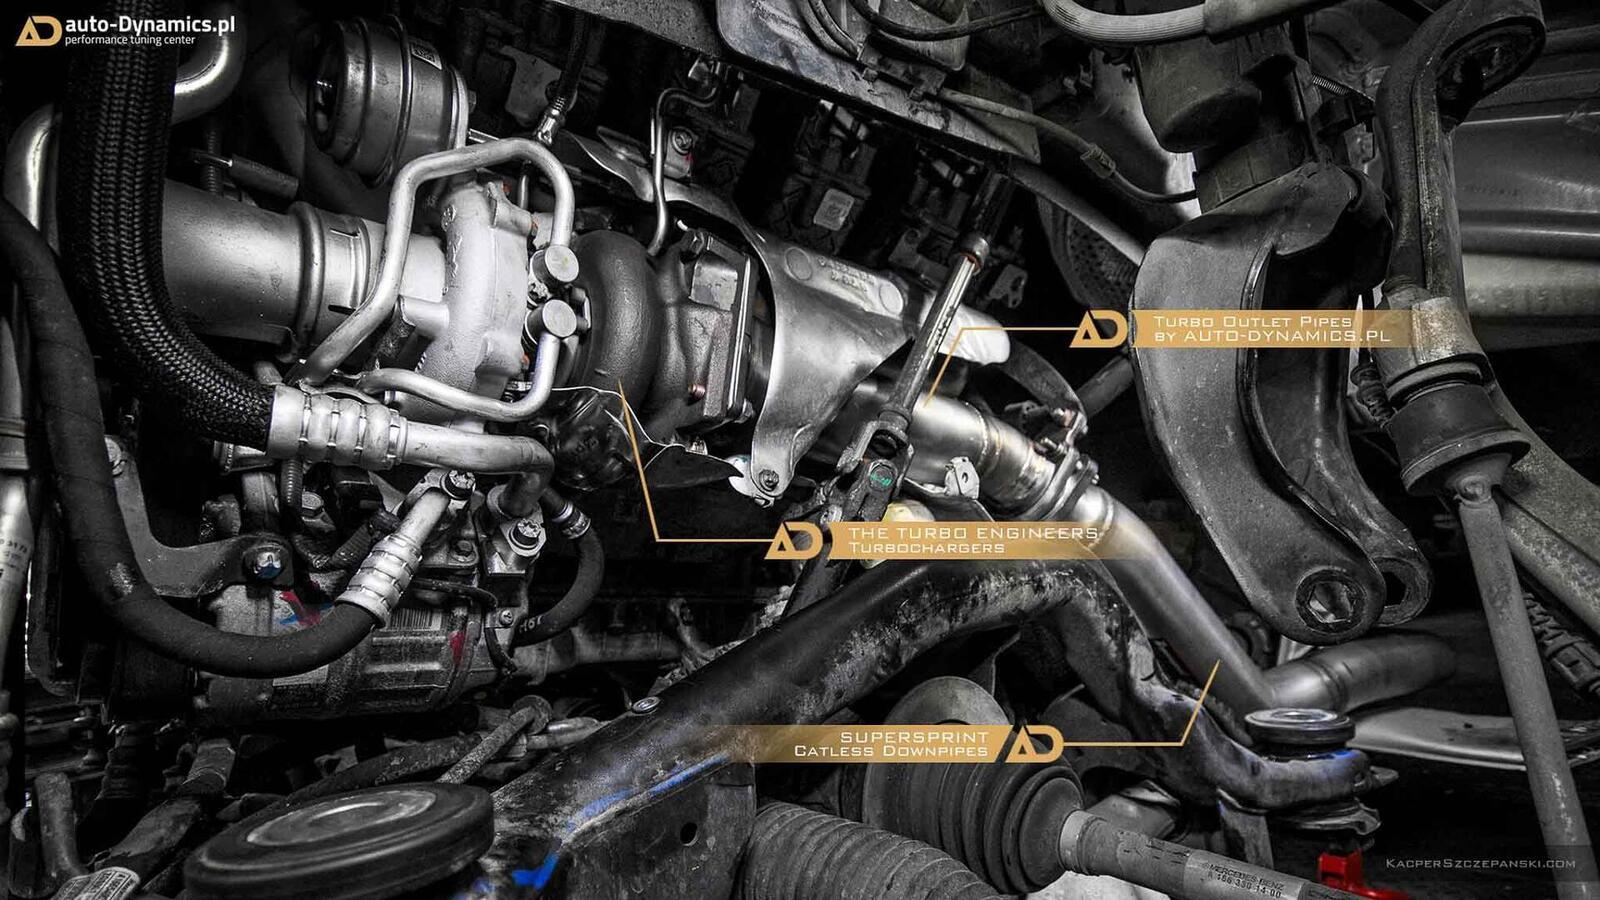 Mercedes-AMG GLE 63 S Coupe độ công suất lên 795 mã lực; tăng tốc 0-100 km/h trong 3,25 giây - Hình 15